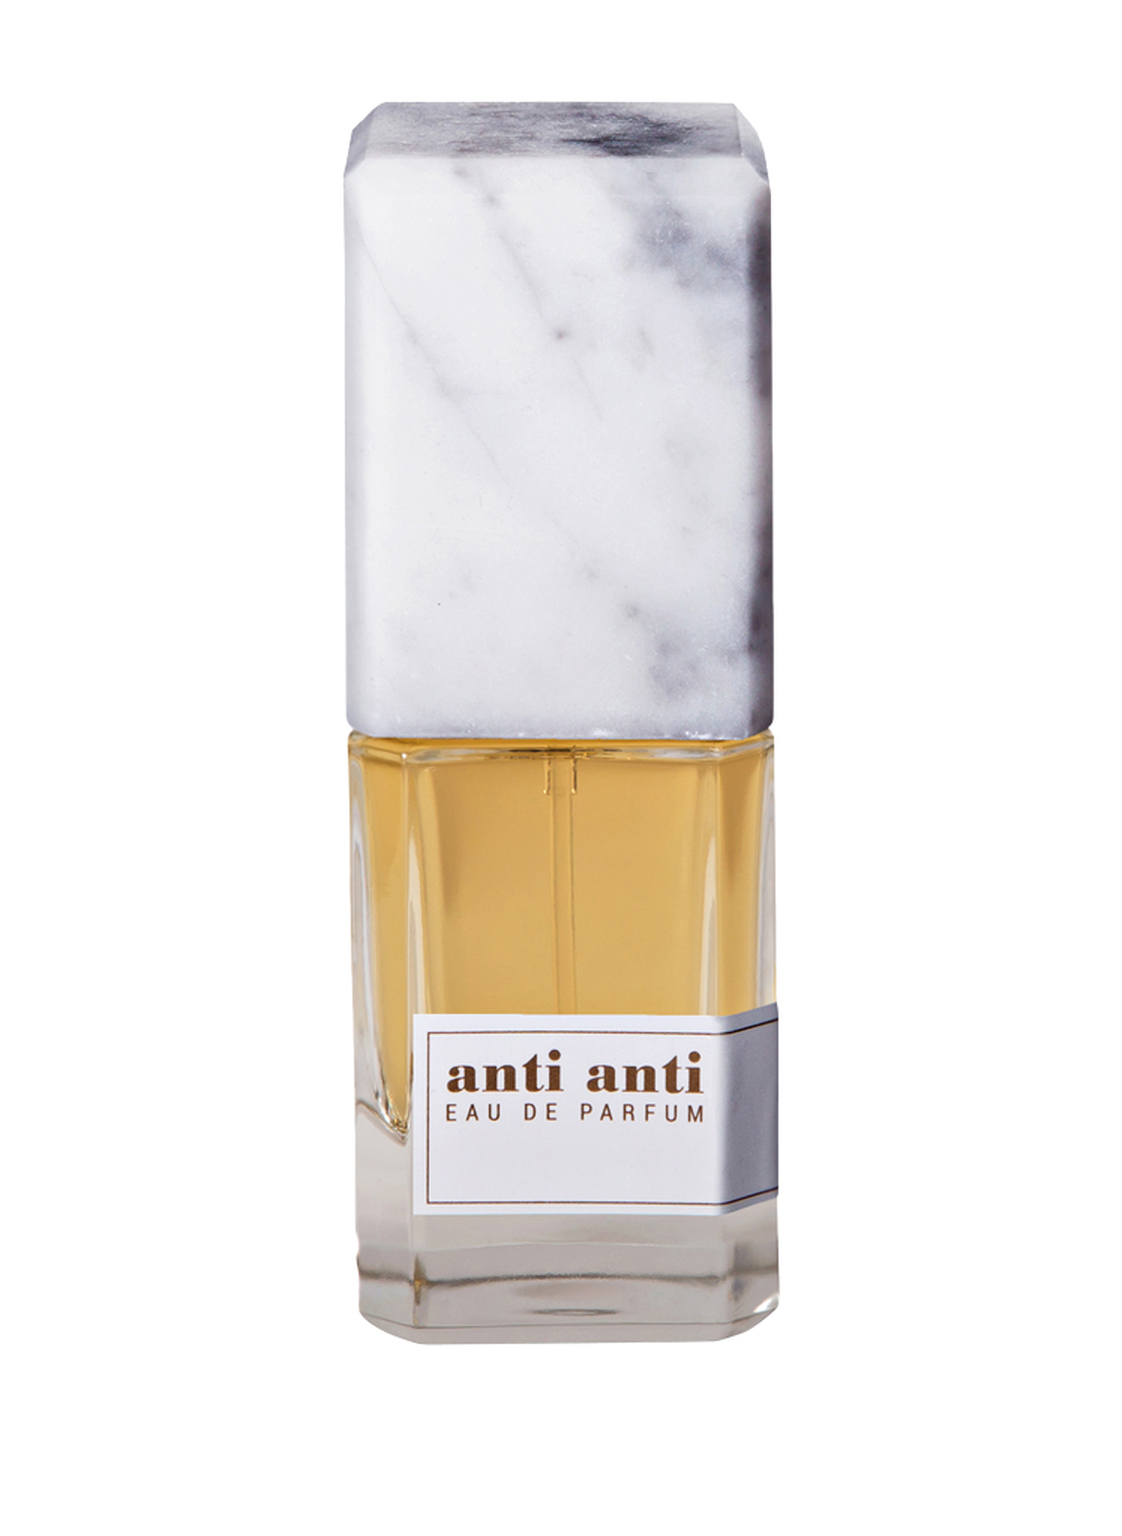 Image of Atelier Pmp Anti Anti Eau de Parfum 50 ml